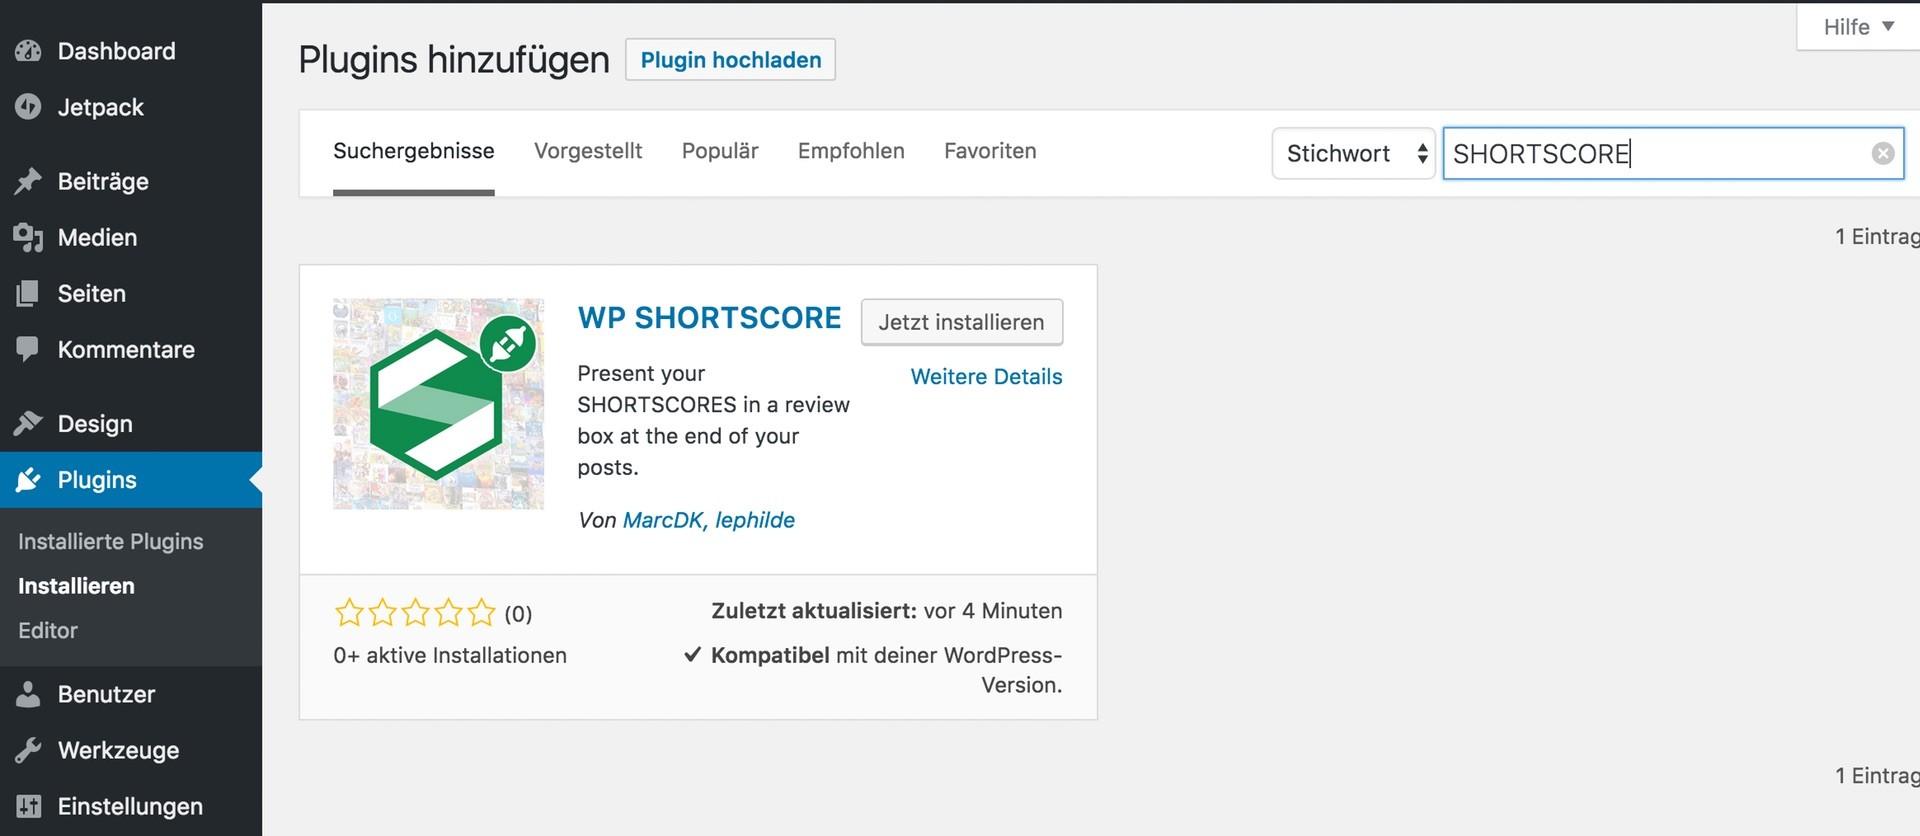 Das SHORTSCORE Plugin kann im Backend von WordPress installiert werden